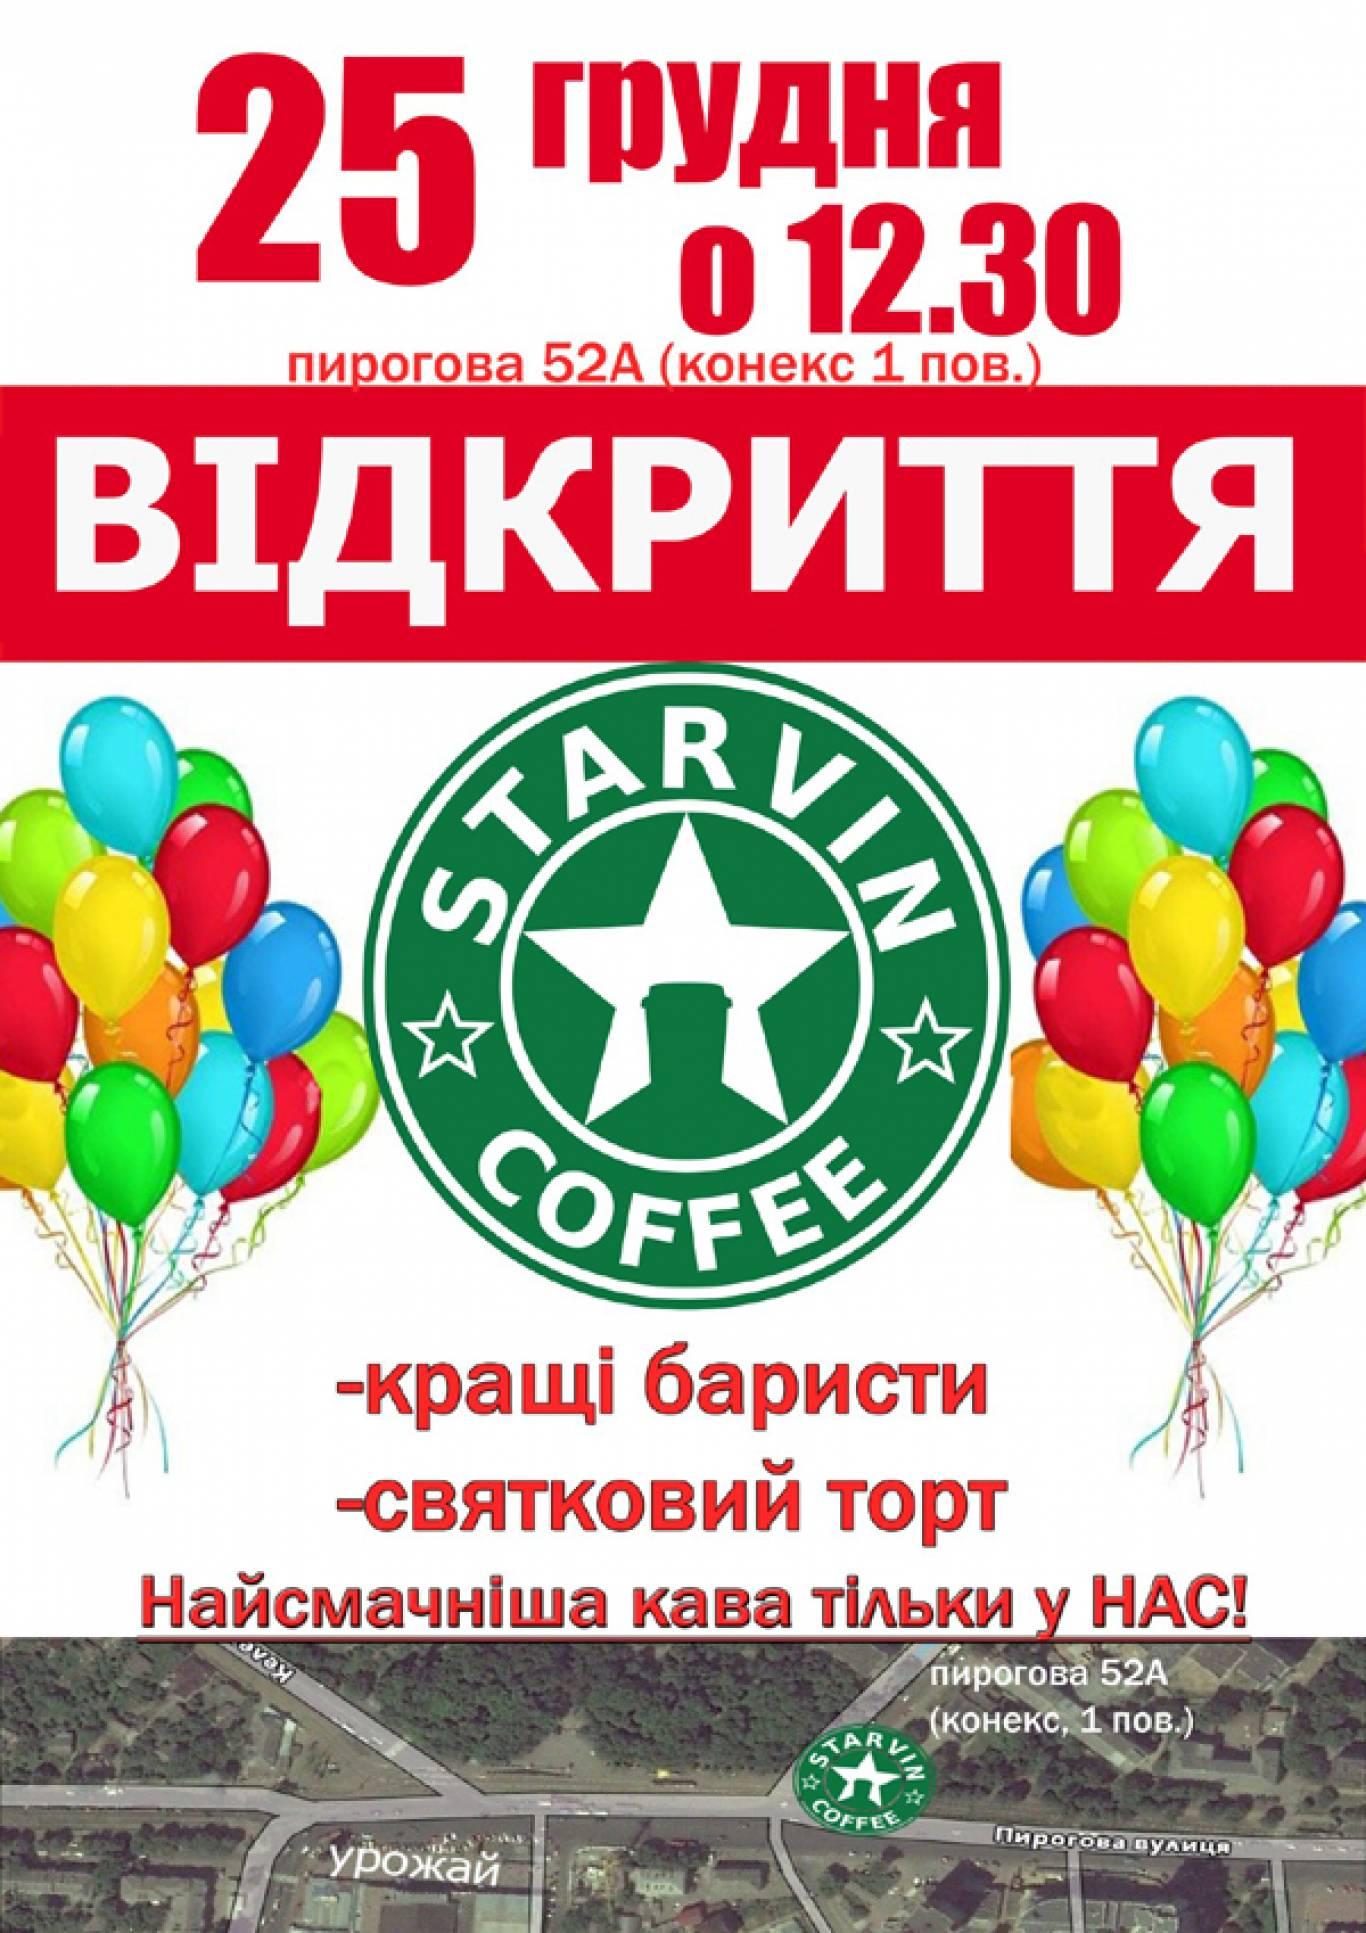 Відкриття кав'ярні  «Starvin Coffee»